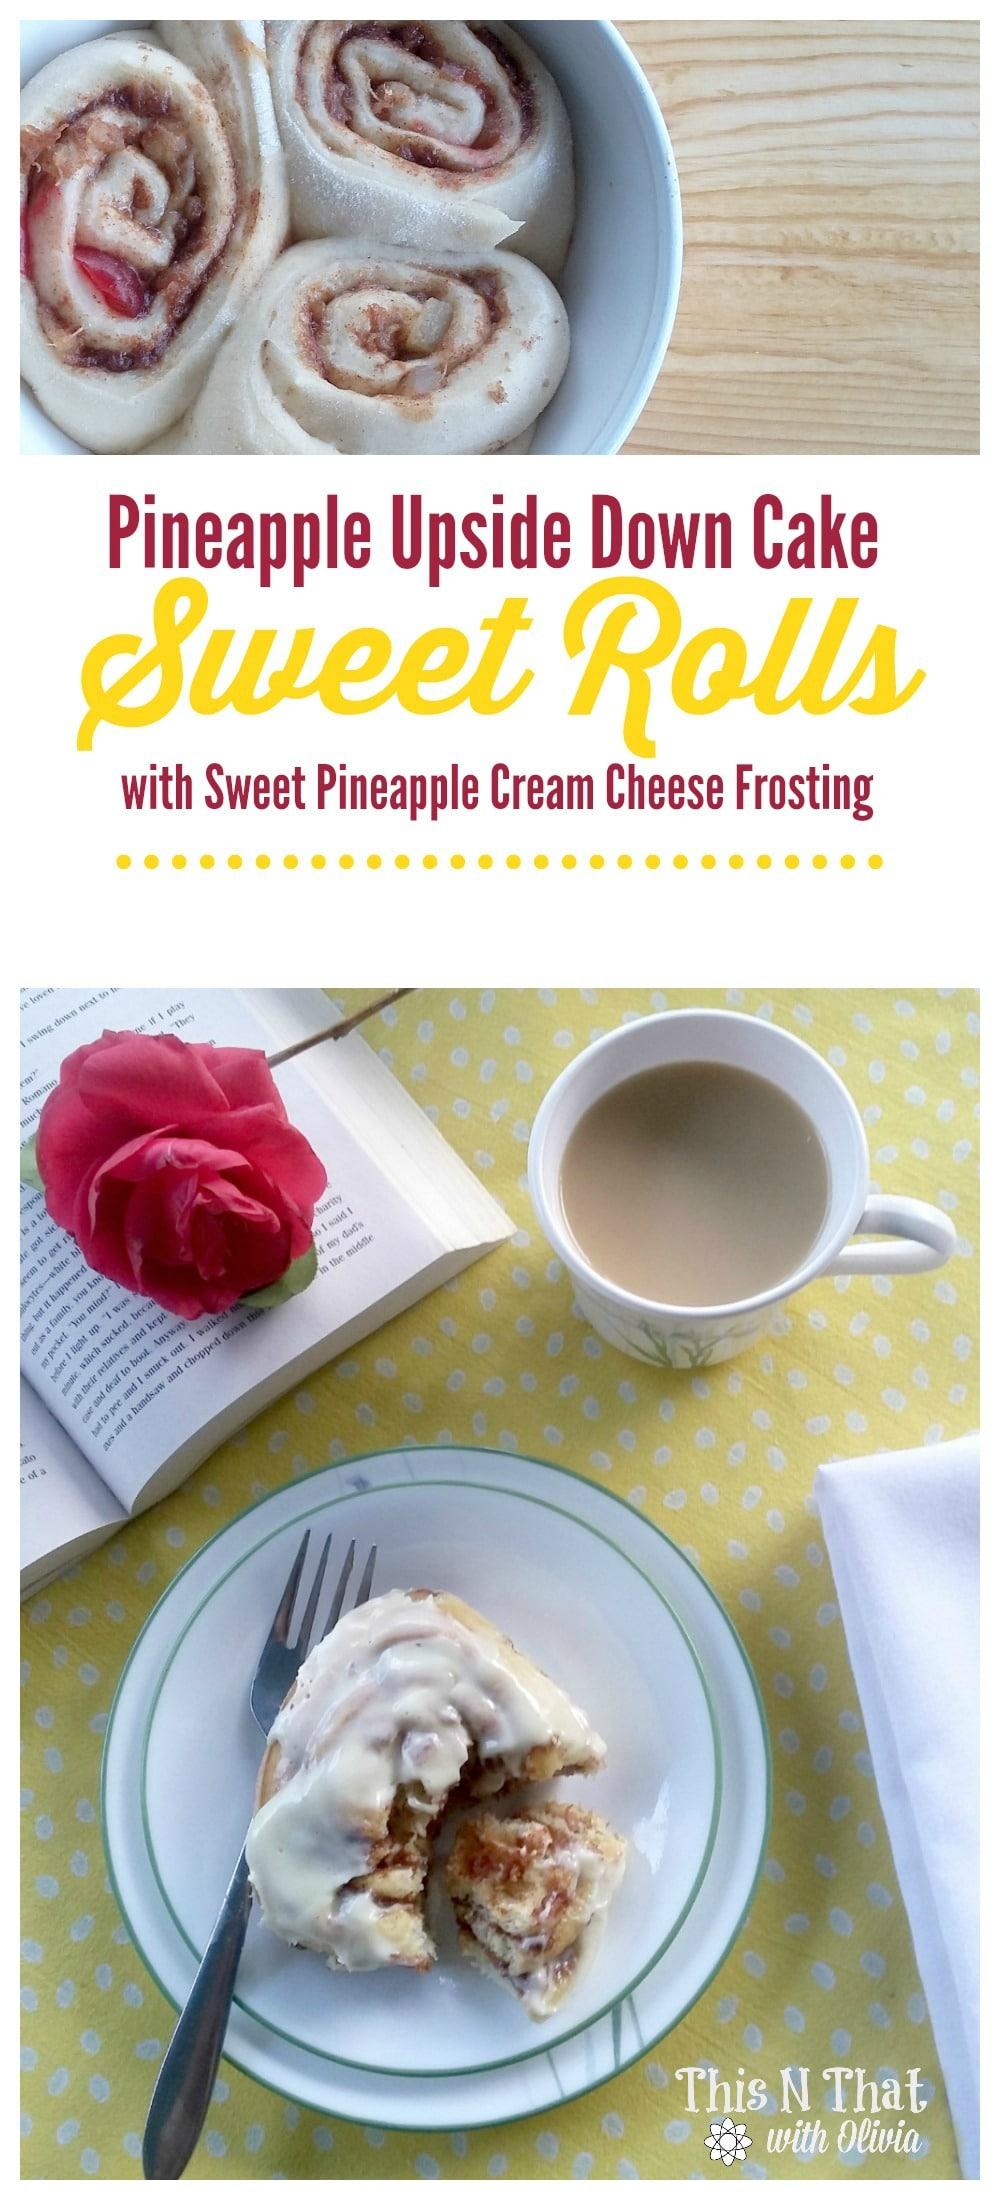 Pineapple Upside Down Cake Sweet Rolls